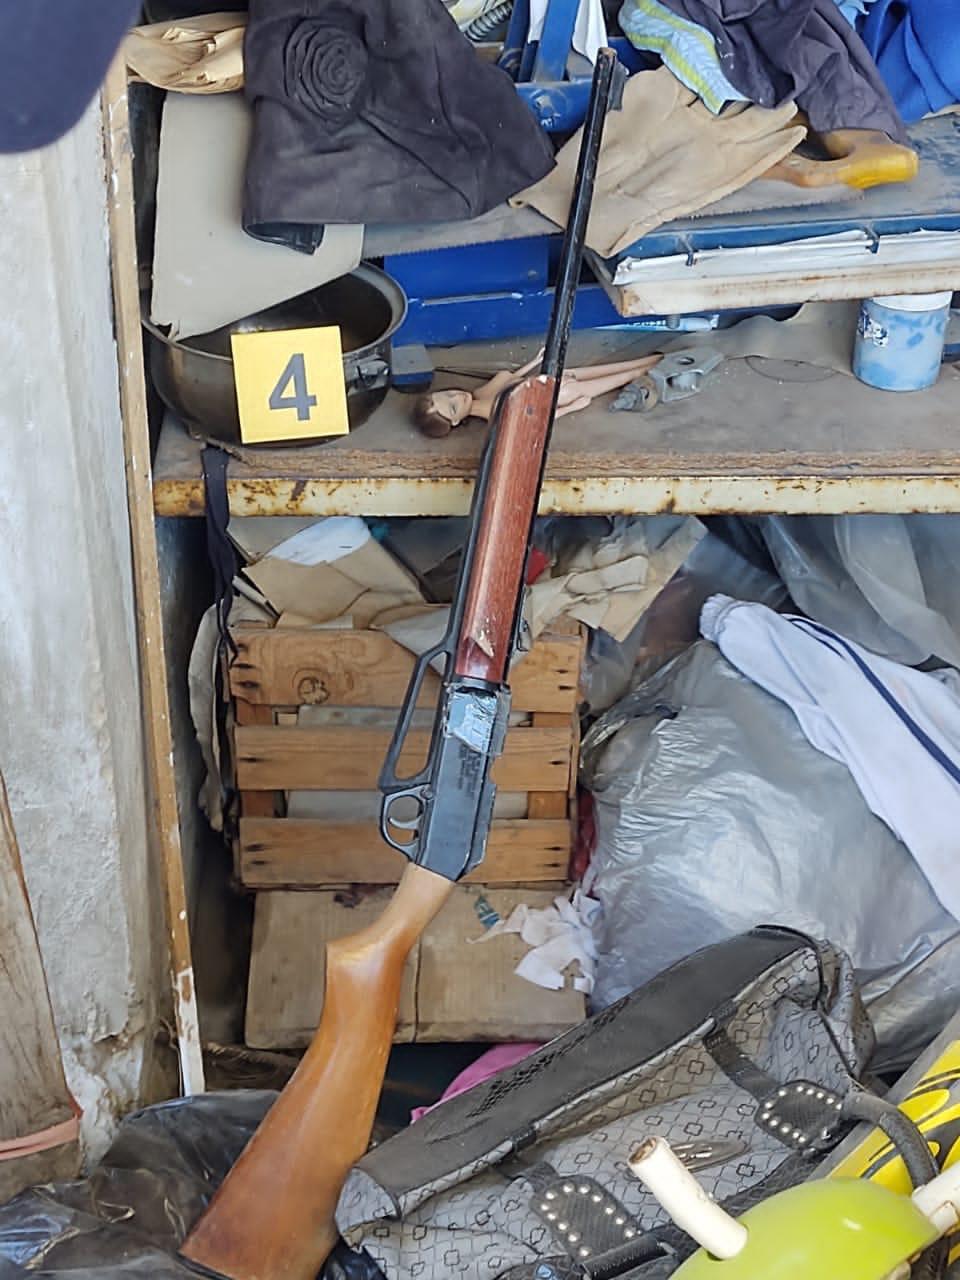 Desmantelan tres puntos de venta de droga en Naucalpan